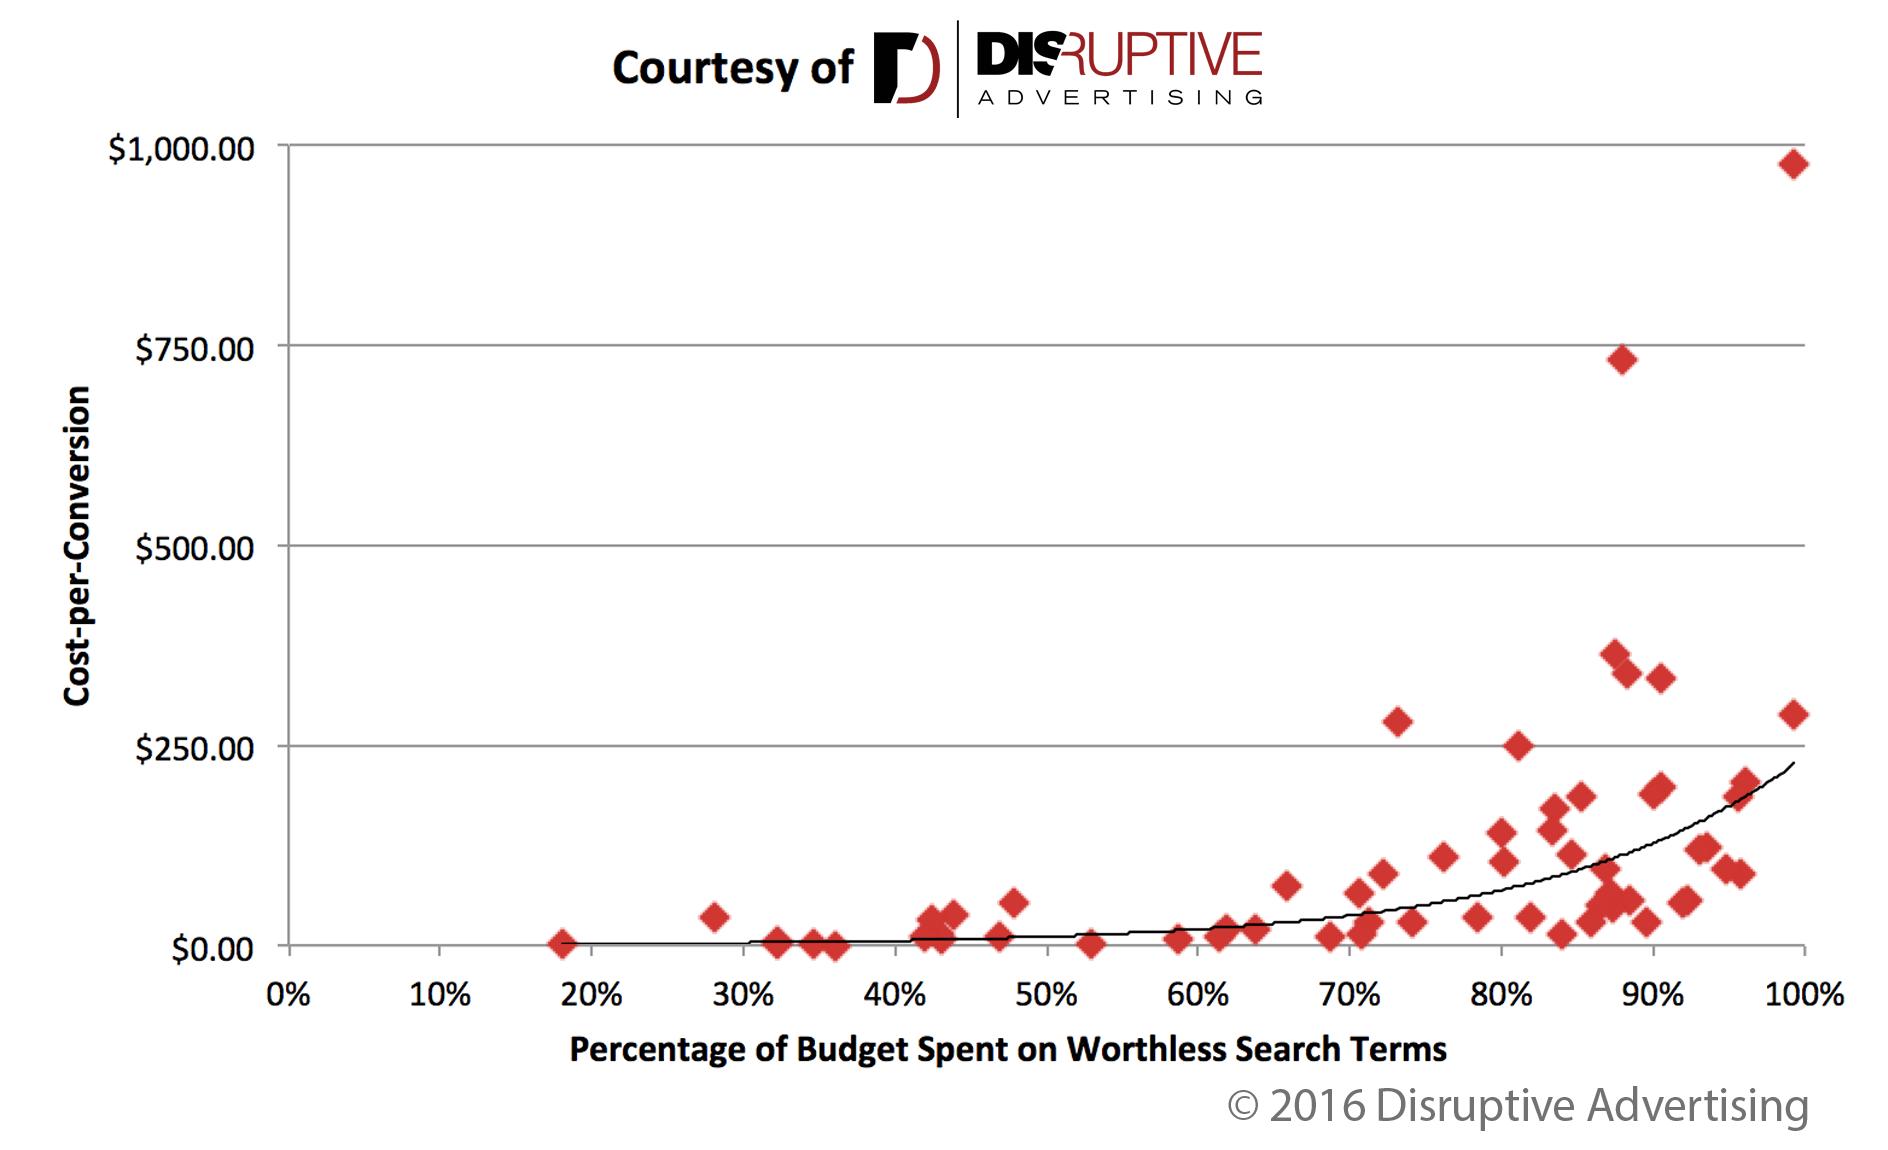 Costo por conversión vs porcentaje de gasto publicitario desperdiciado | Publicidad disruptiva